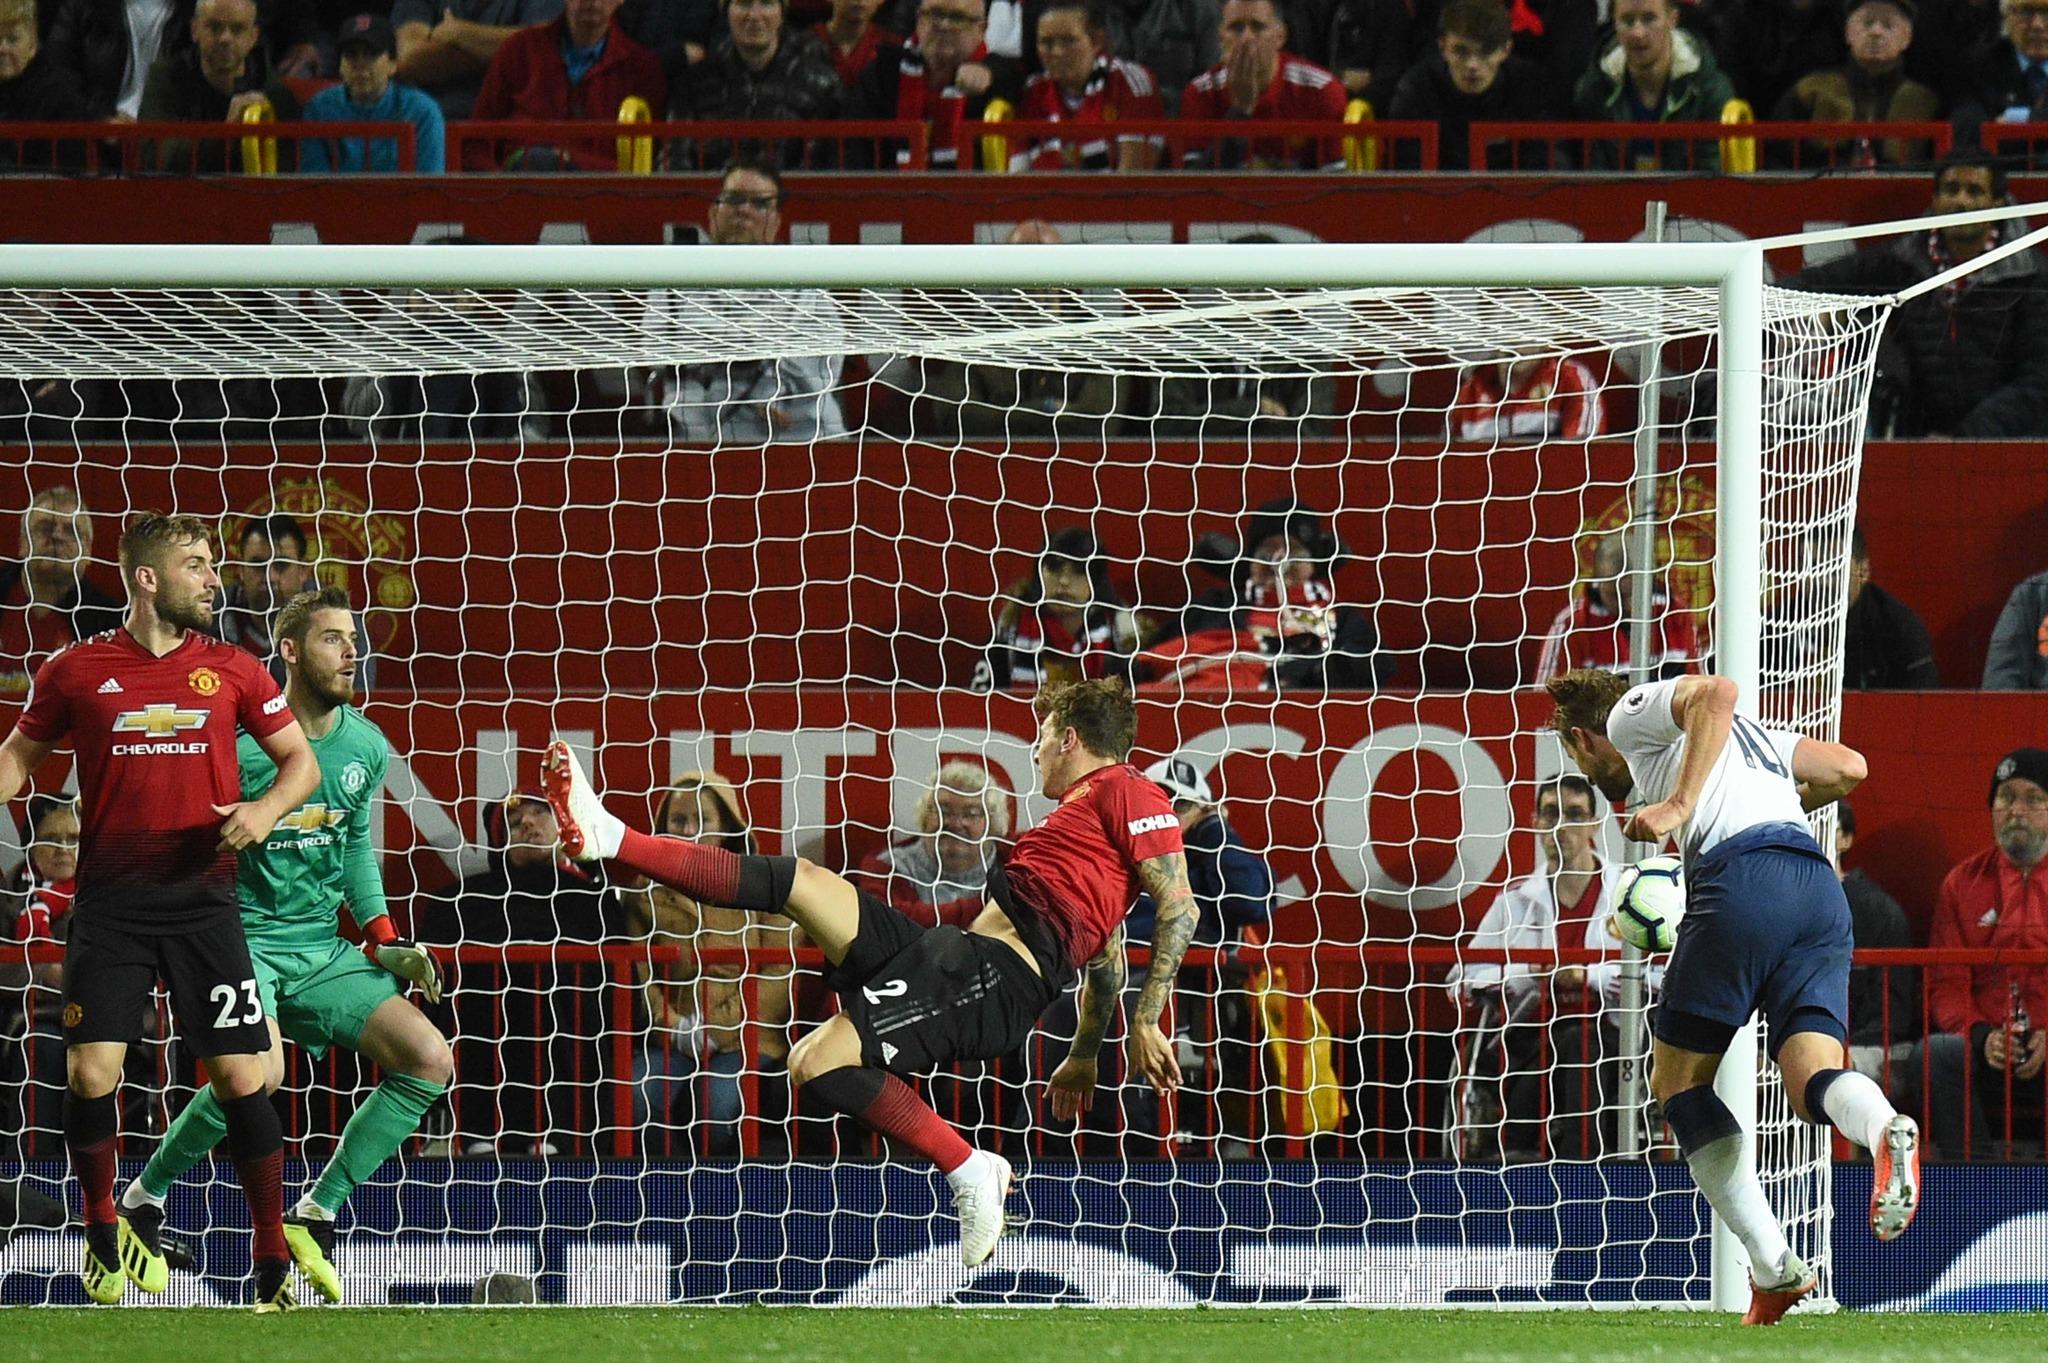 Remate de Kane a portería para marcar el Tottenham